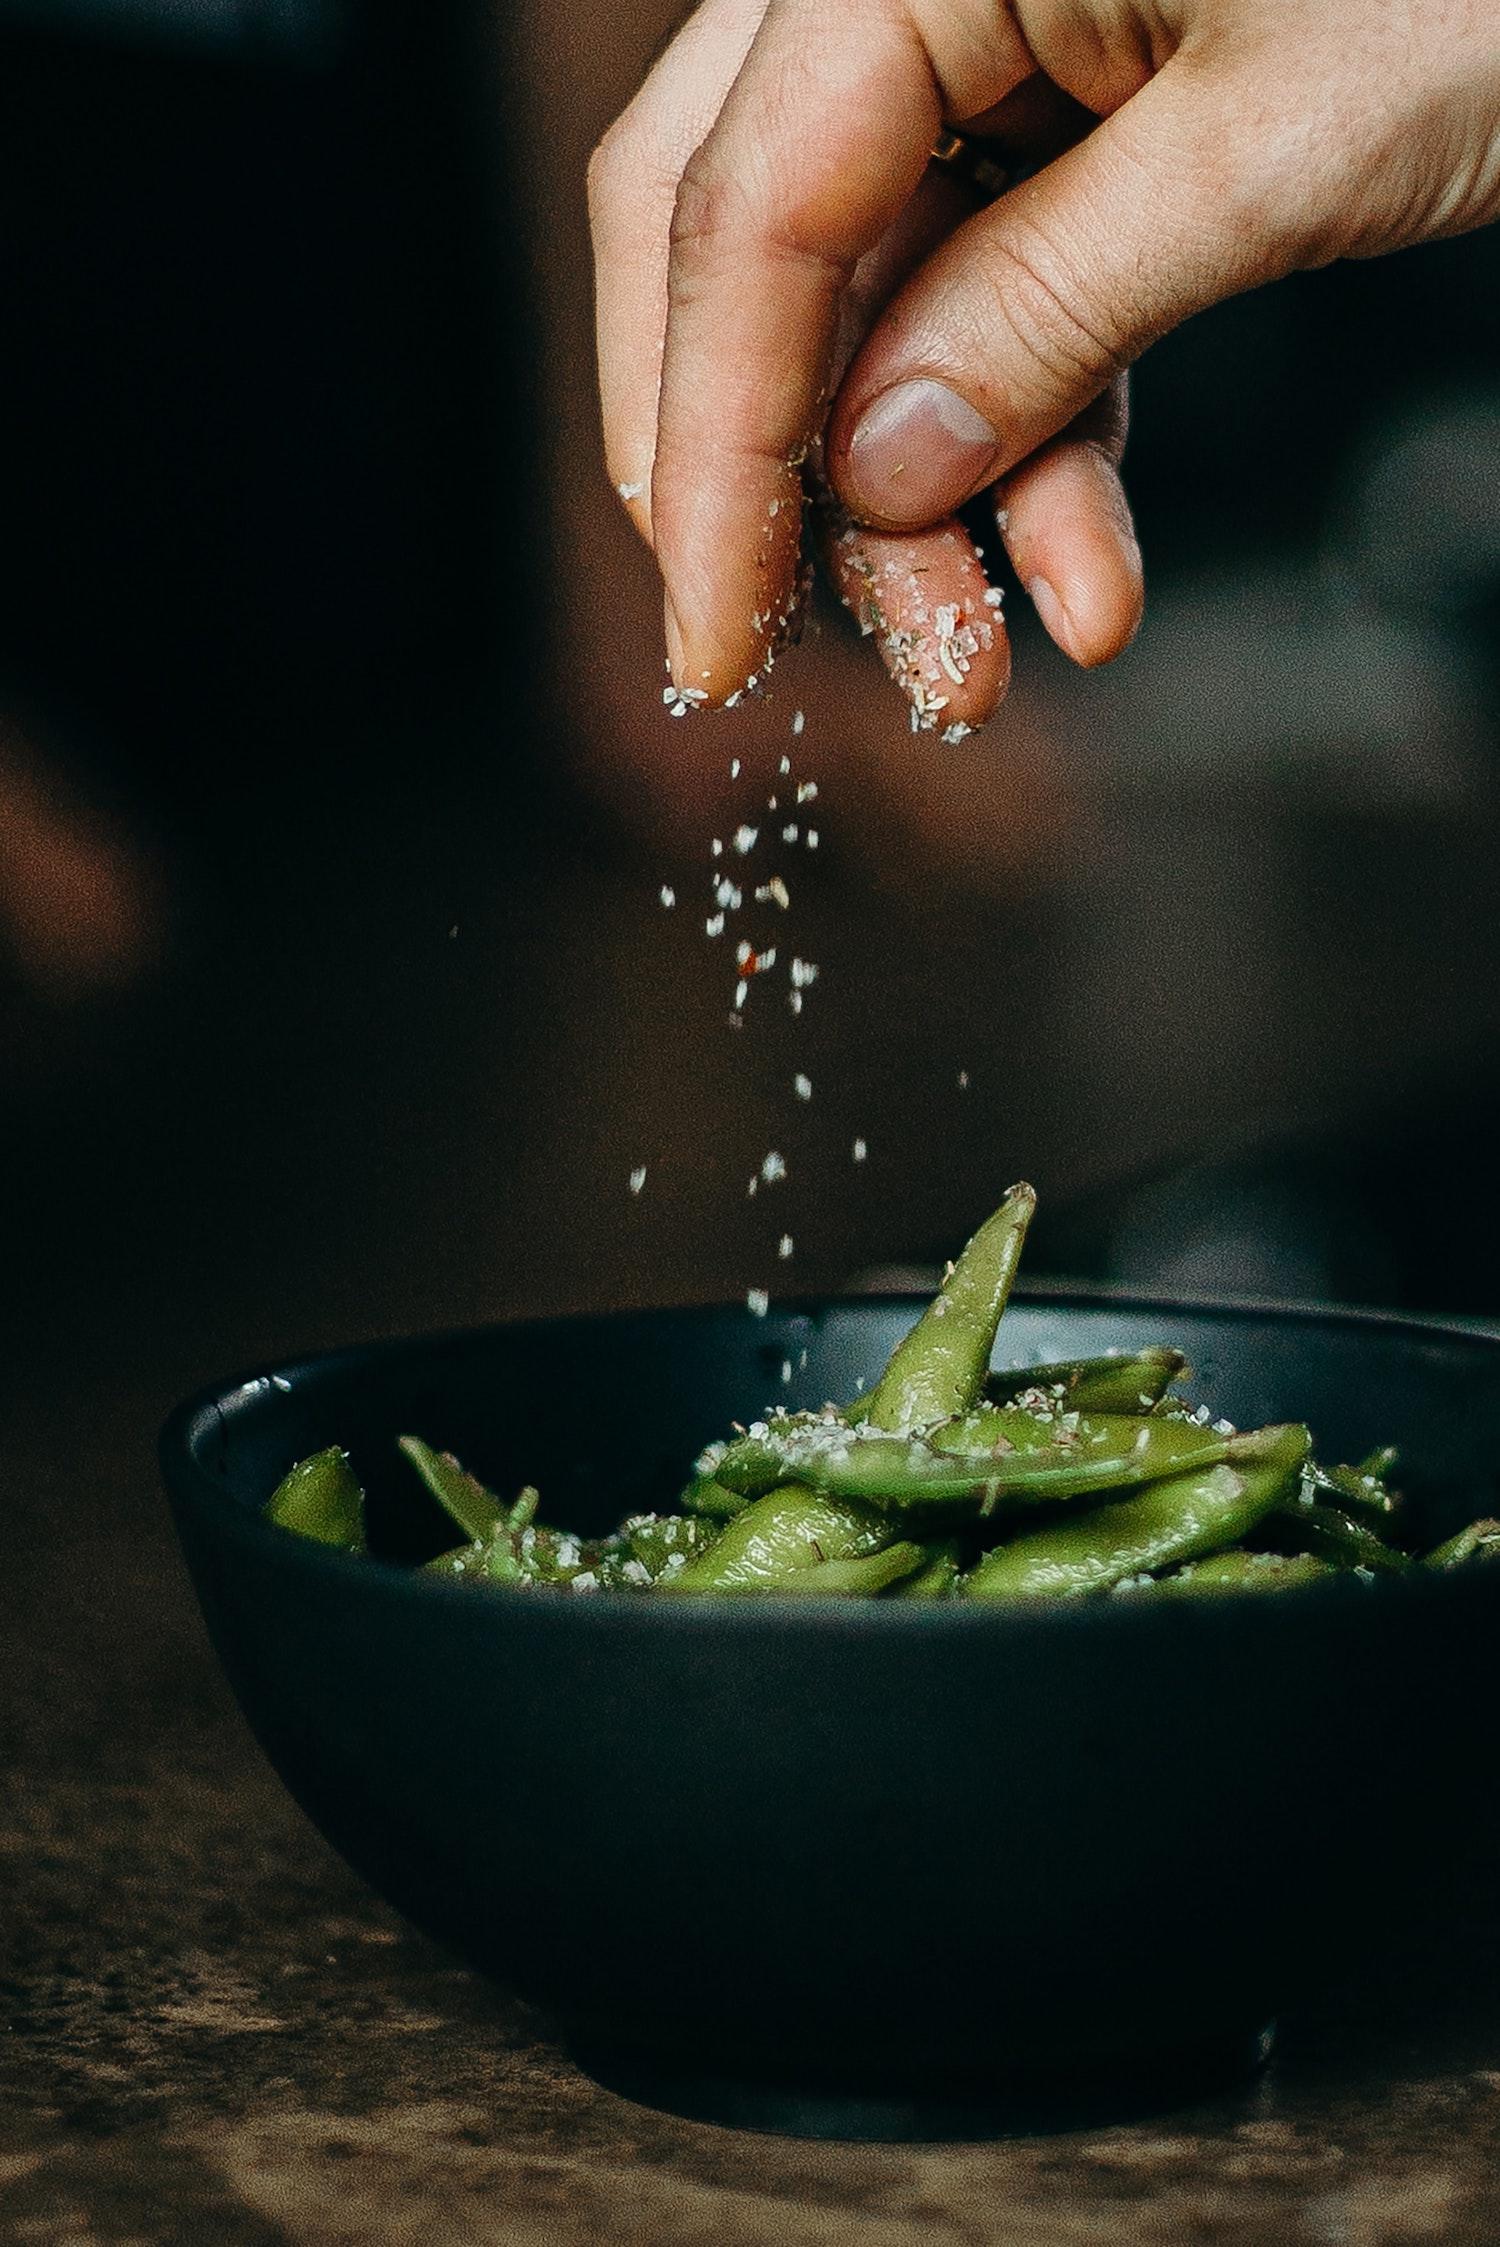 Sprinkle of salt on Green Vegetables